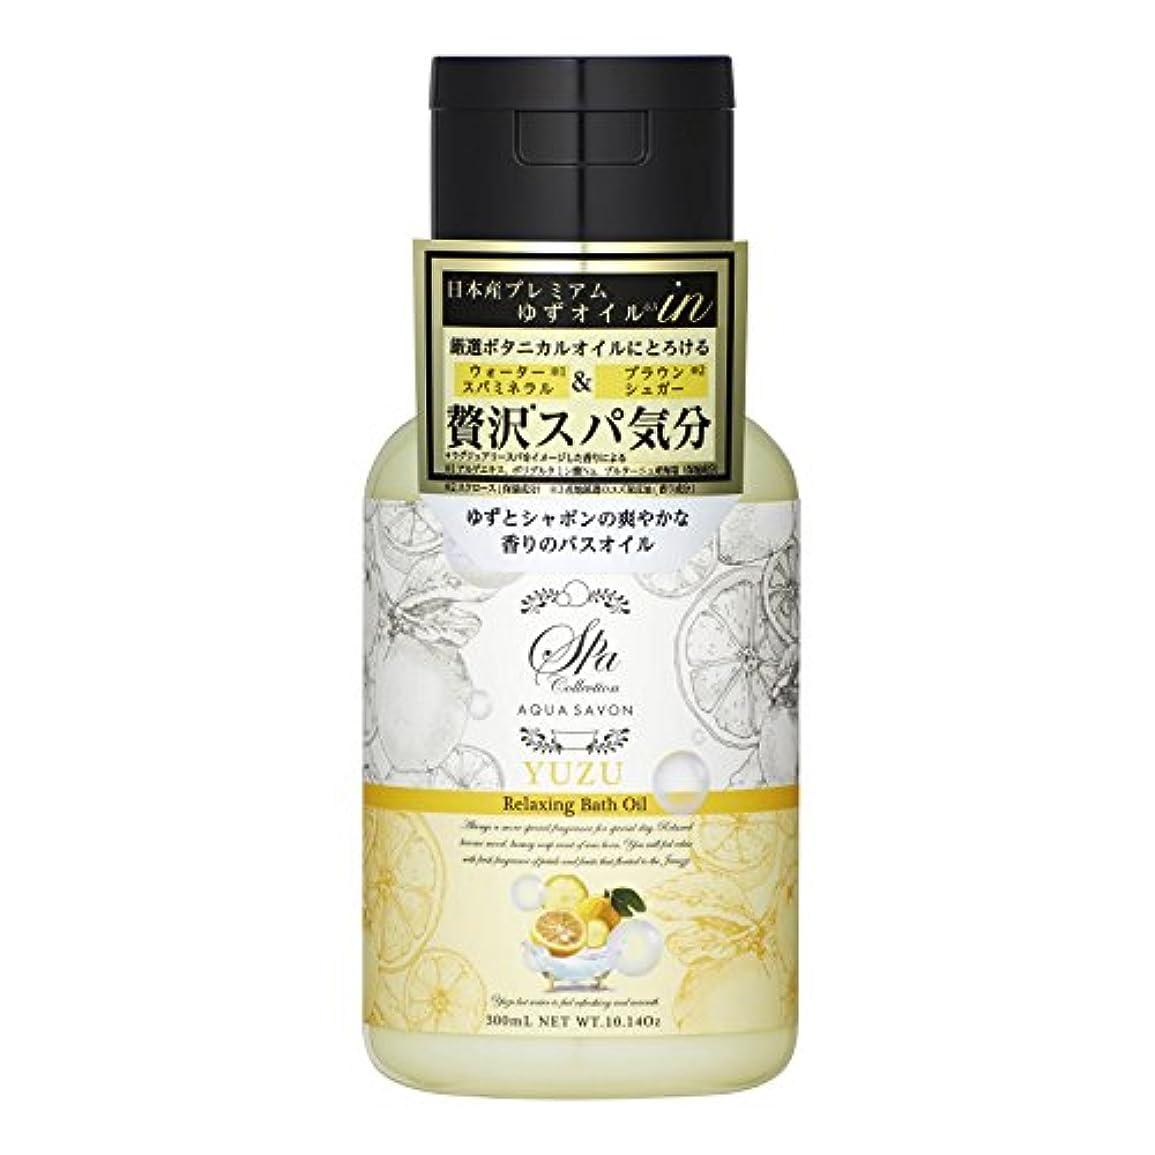 半導体州どこでもアクアシャボン スパコレクション リラクシングバスオイル ゆずスパの香り 300mL